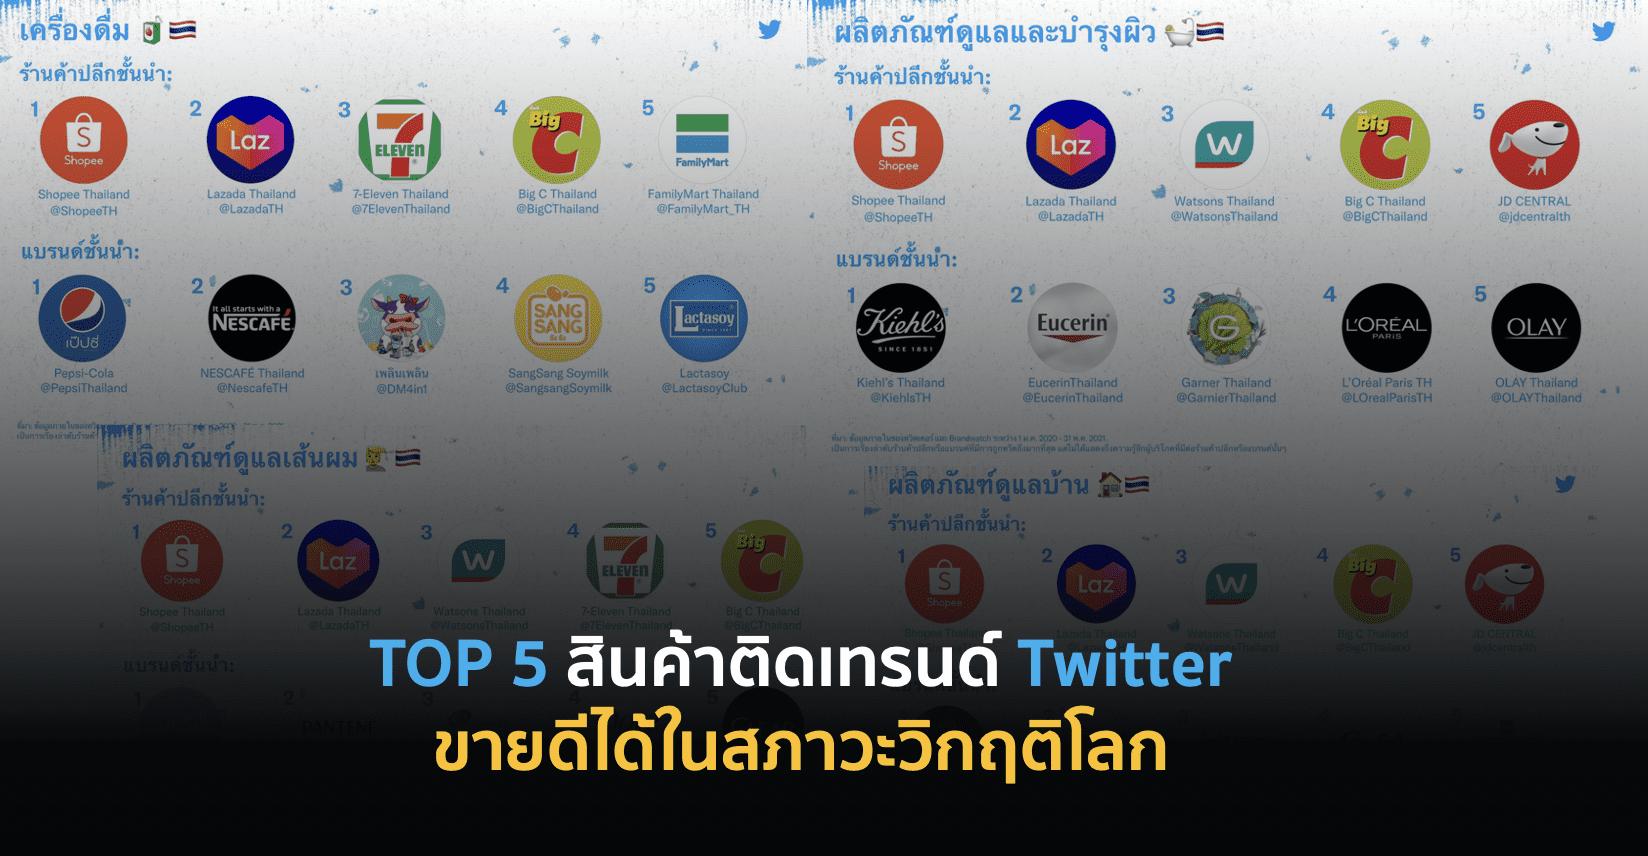 TOP 5 สินค้าติดเทรนด์ Twitter ขายดีได้ในสภาวะวิกฤติโลก